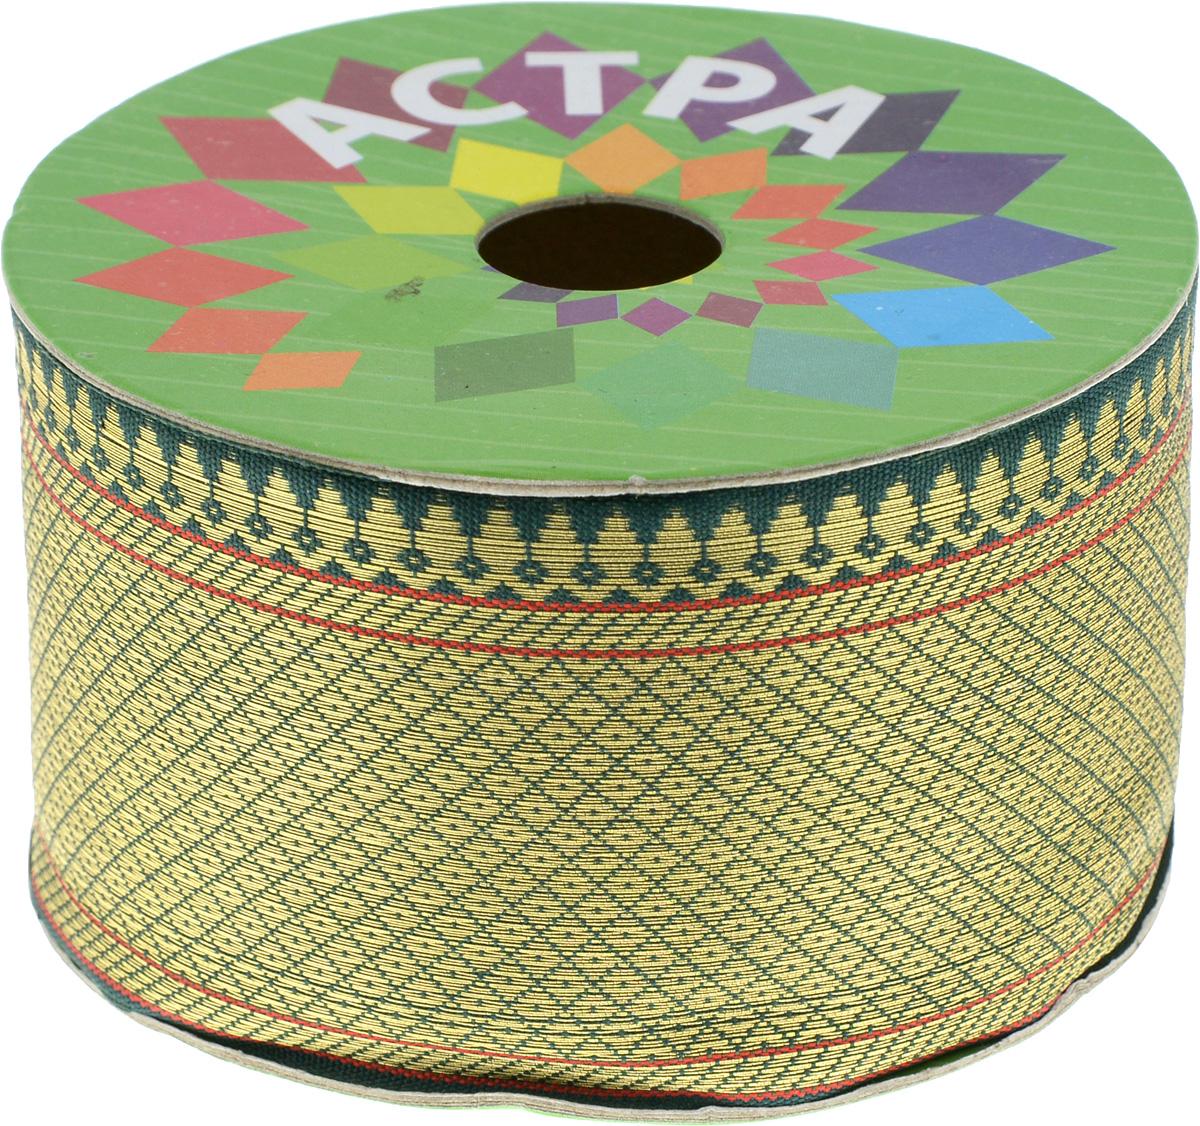 Тесьма декоративная Астра, цвет: зеленый, ширина 5,5 см, длина 8,2 м. 77034037703403_17DДекоративная тесьма Астра выполнена из текстиля и оформлена оригинальным орнаментом. Такая тесьма идеально подойдет для оформления различных творческих работ таких, как скрапбукинг, аппликация, декор коробок и открыток и многое другое. Тесьма наивысшего качества и практична в использовании. Она станет незаменимым элементом в создании рукотворного шедевра. Ширина: 5,5 см. Длина: 8,2 м.